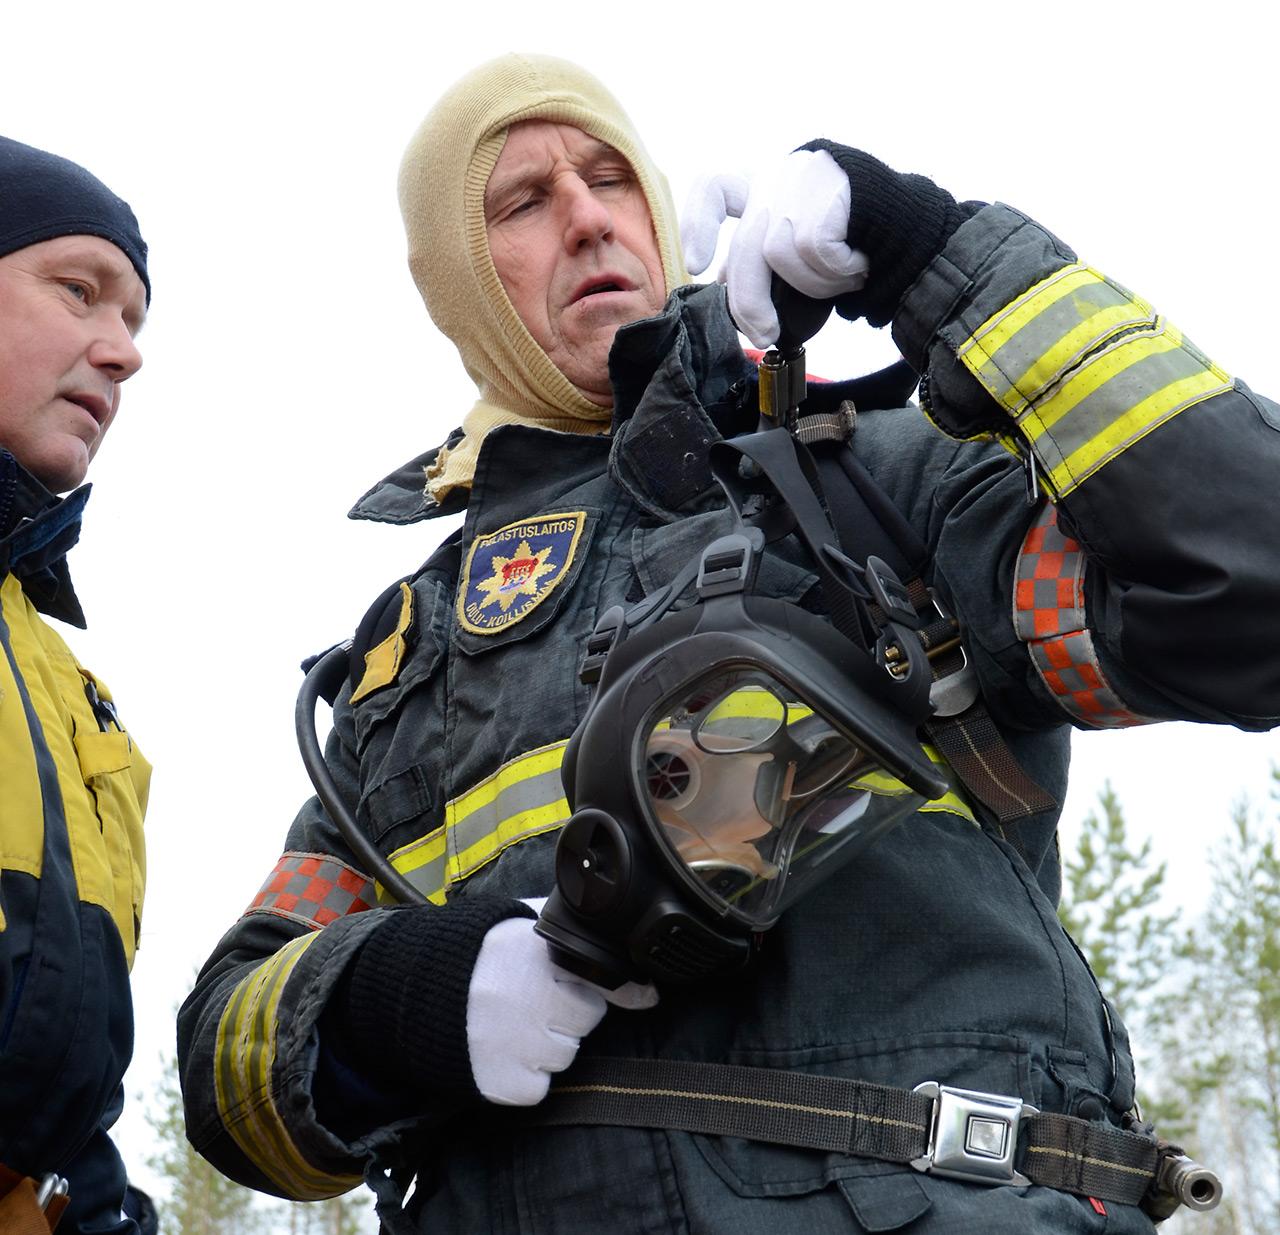 Ylipalomies Juhani Lindgren, 58, Oulu-Koillismaan pelastuslaitokselta oli yksi vapaaehtoisista, jotka osallistuivat Työterveyslaitoksen palautumistutkimukseen. 48-vuotias palomies-sairaankuljettaja Pauli Helin auttoi varusteita ylle kenttäkokeissa Oulunsalon harjoitusalueella toukokuussa 2015.